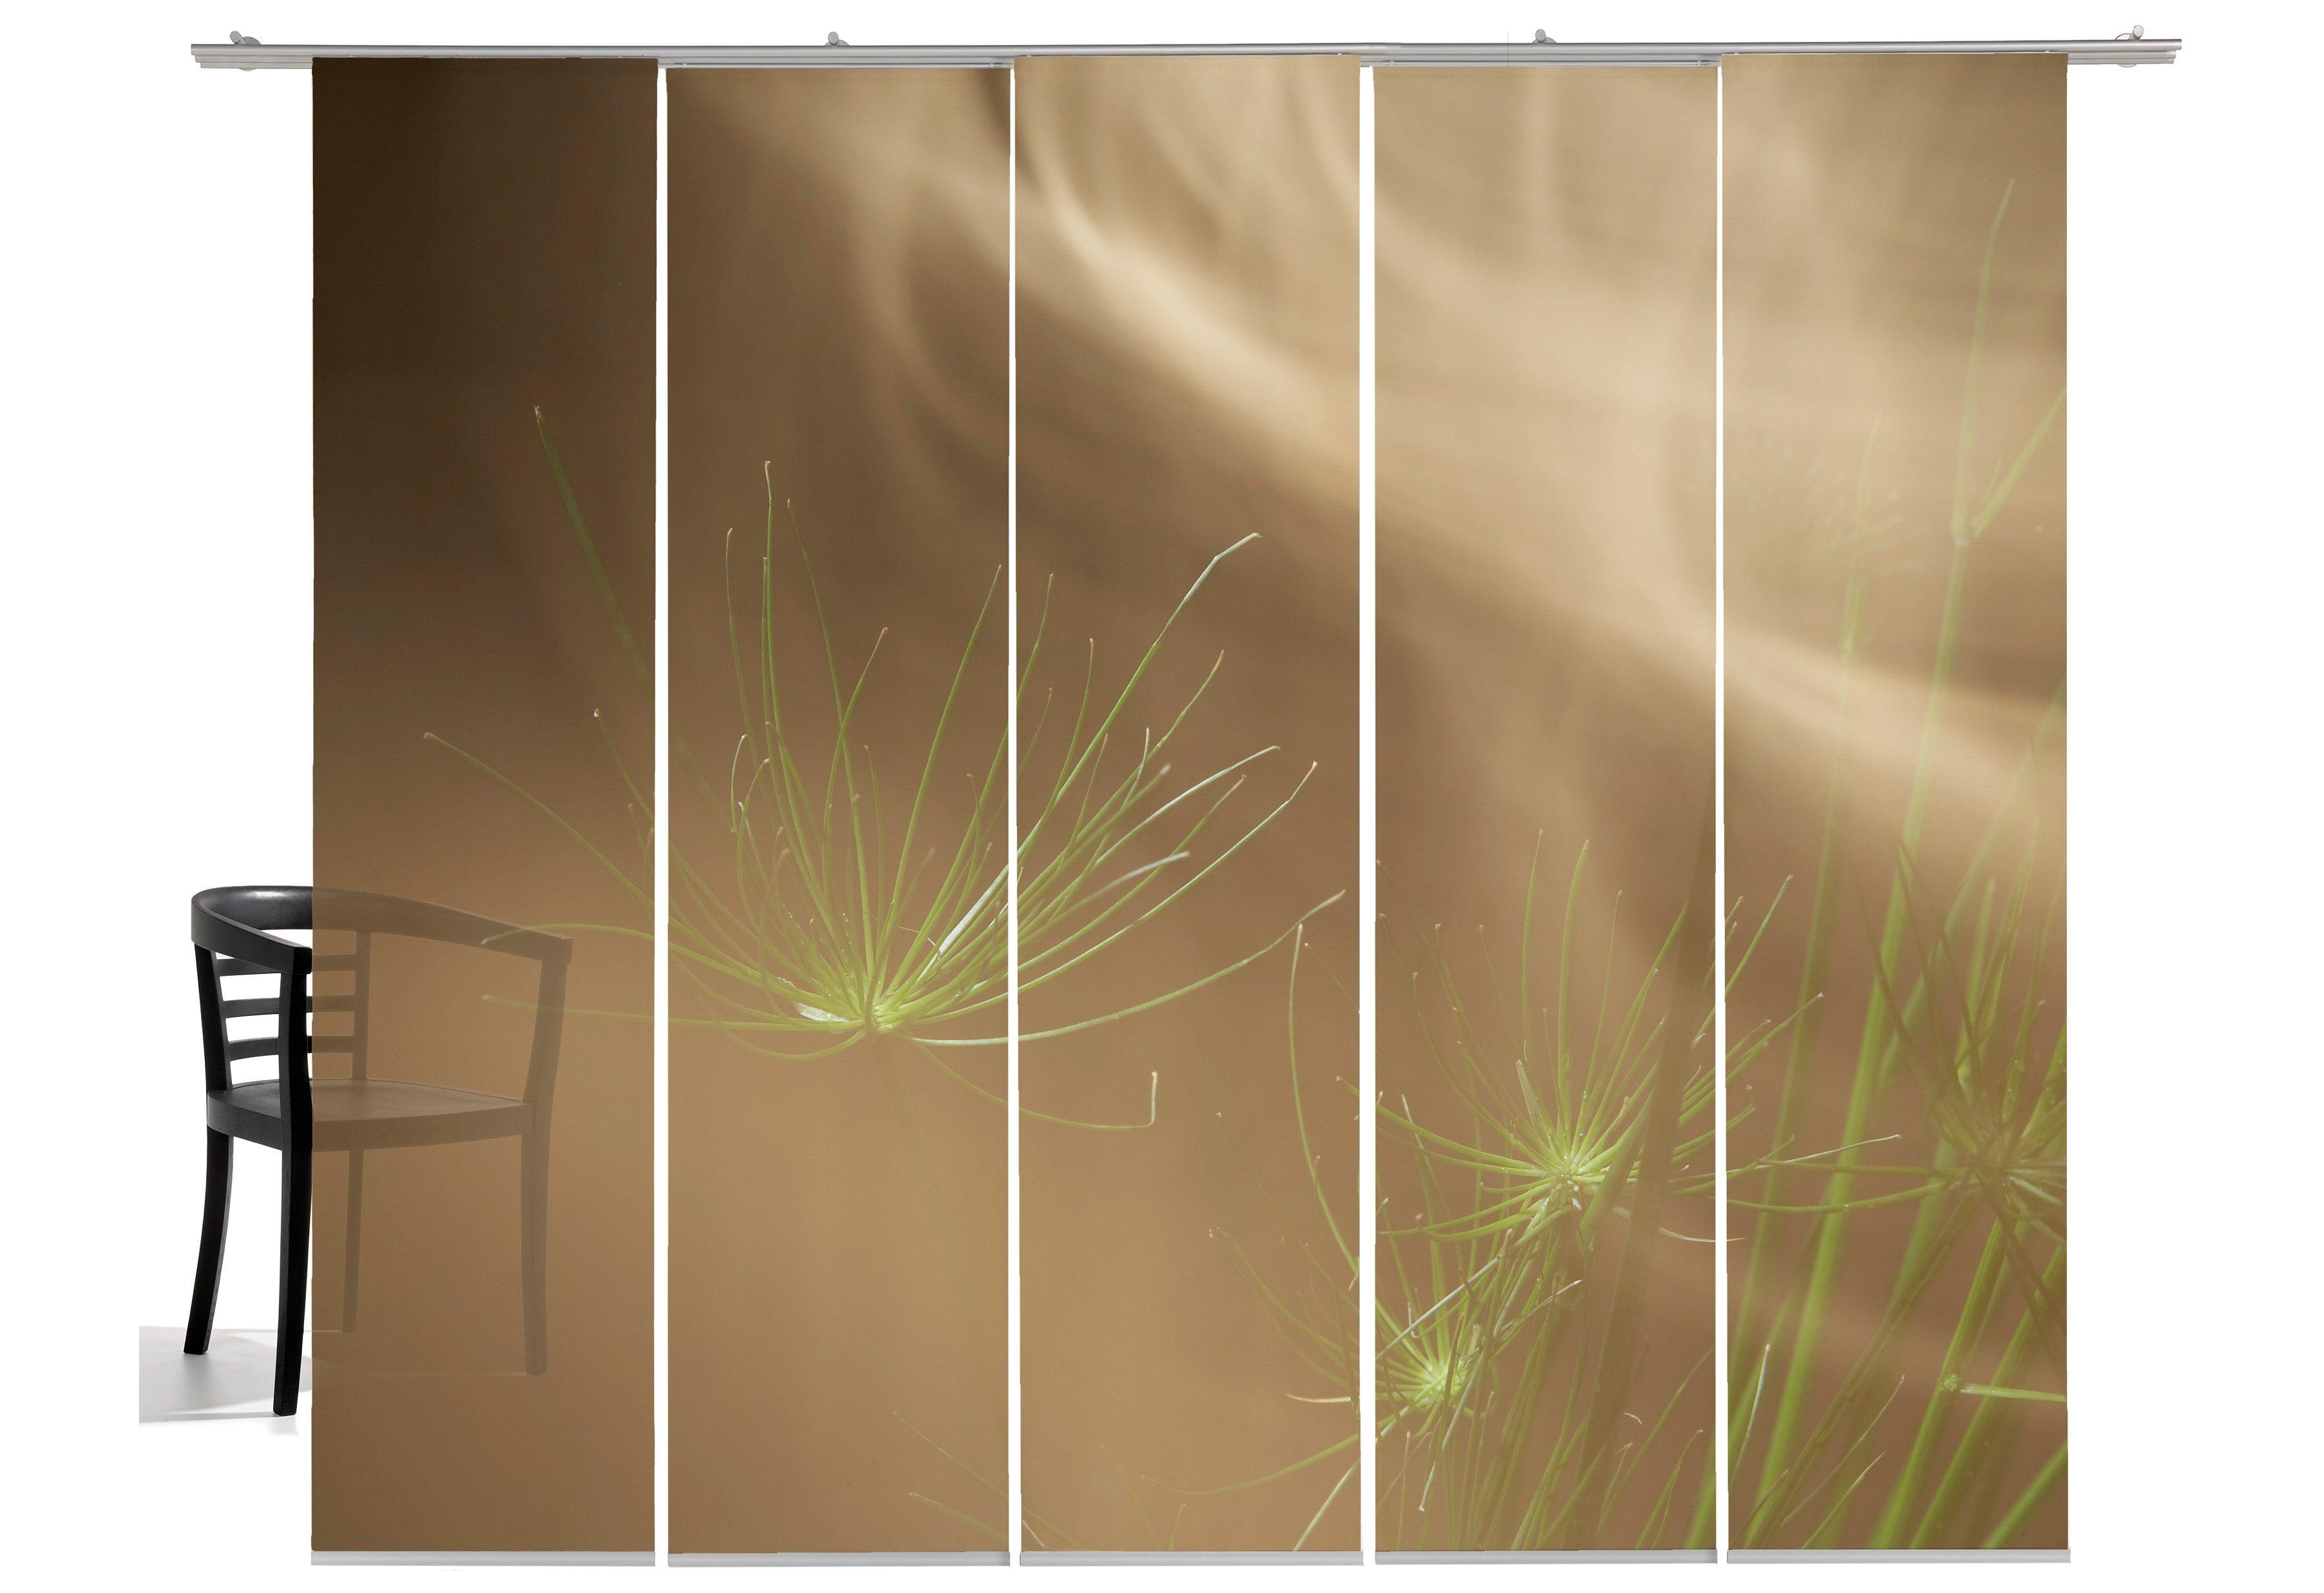 Flachenvorhang Mit Klettband ~ Schiebegardine grasnebel« emotion textiles klettband stück